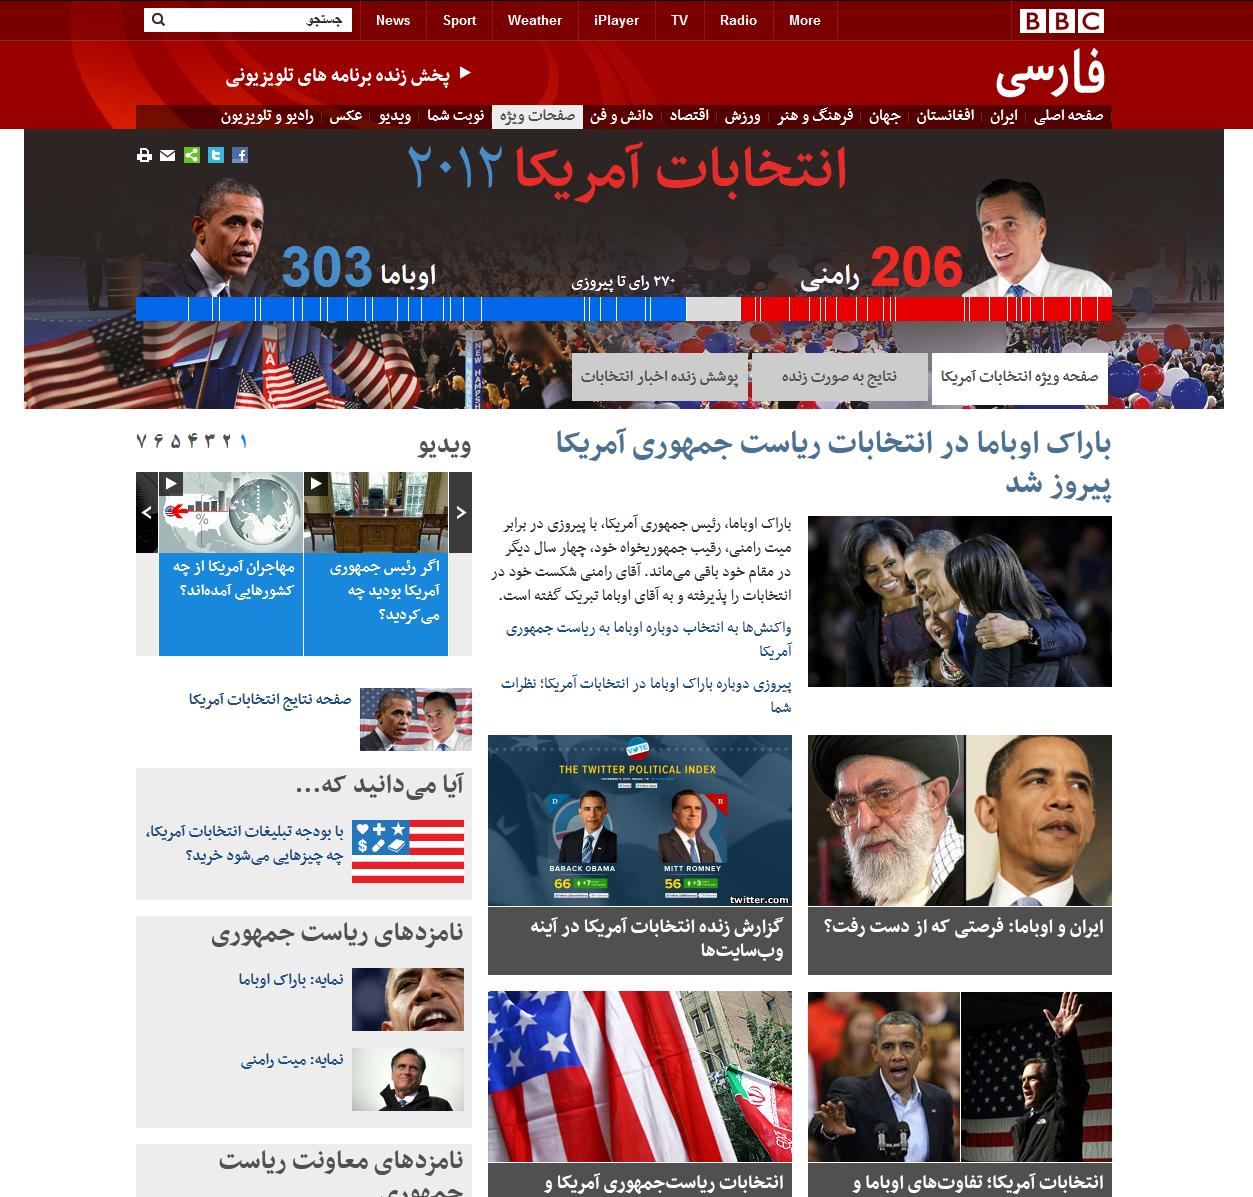 2012-11-07 Obama Persian